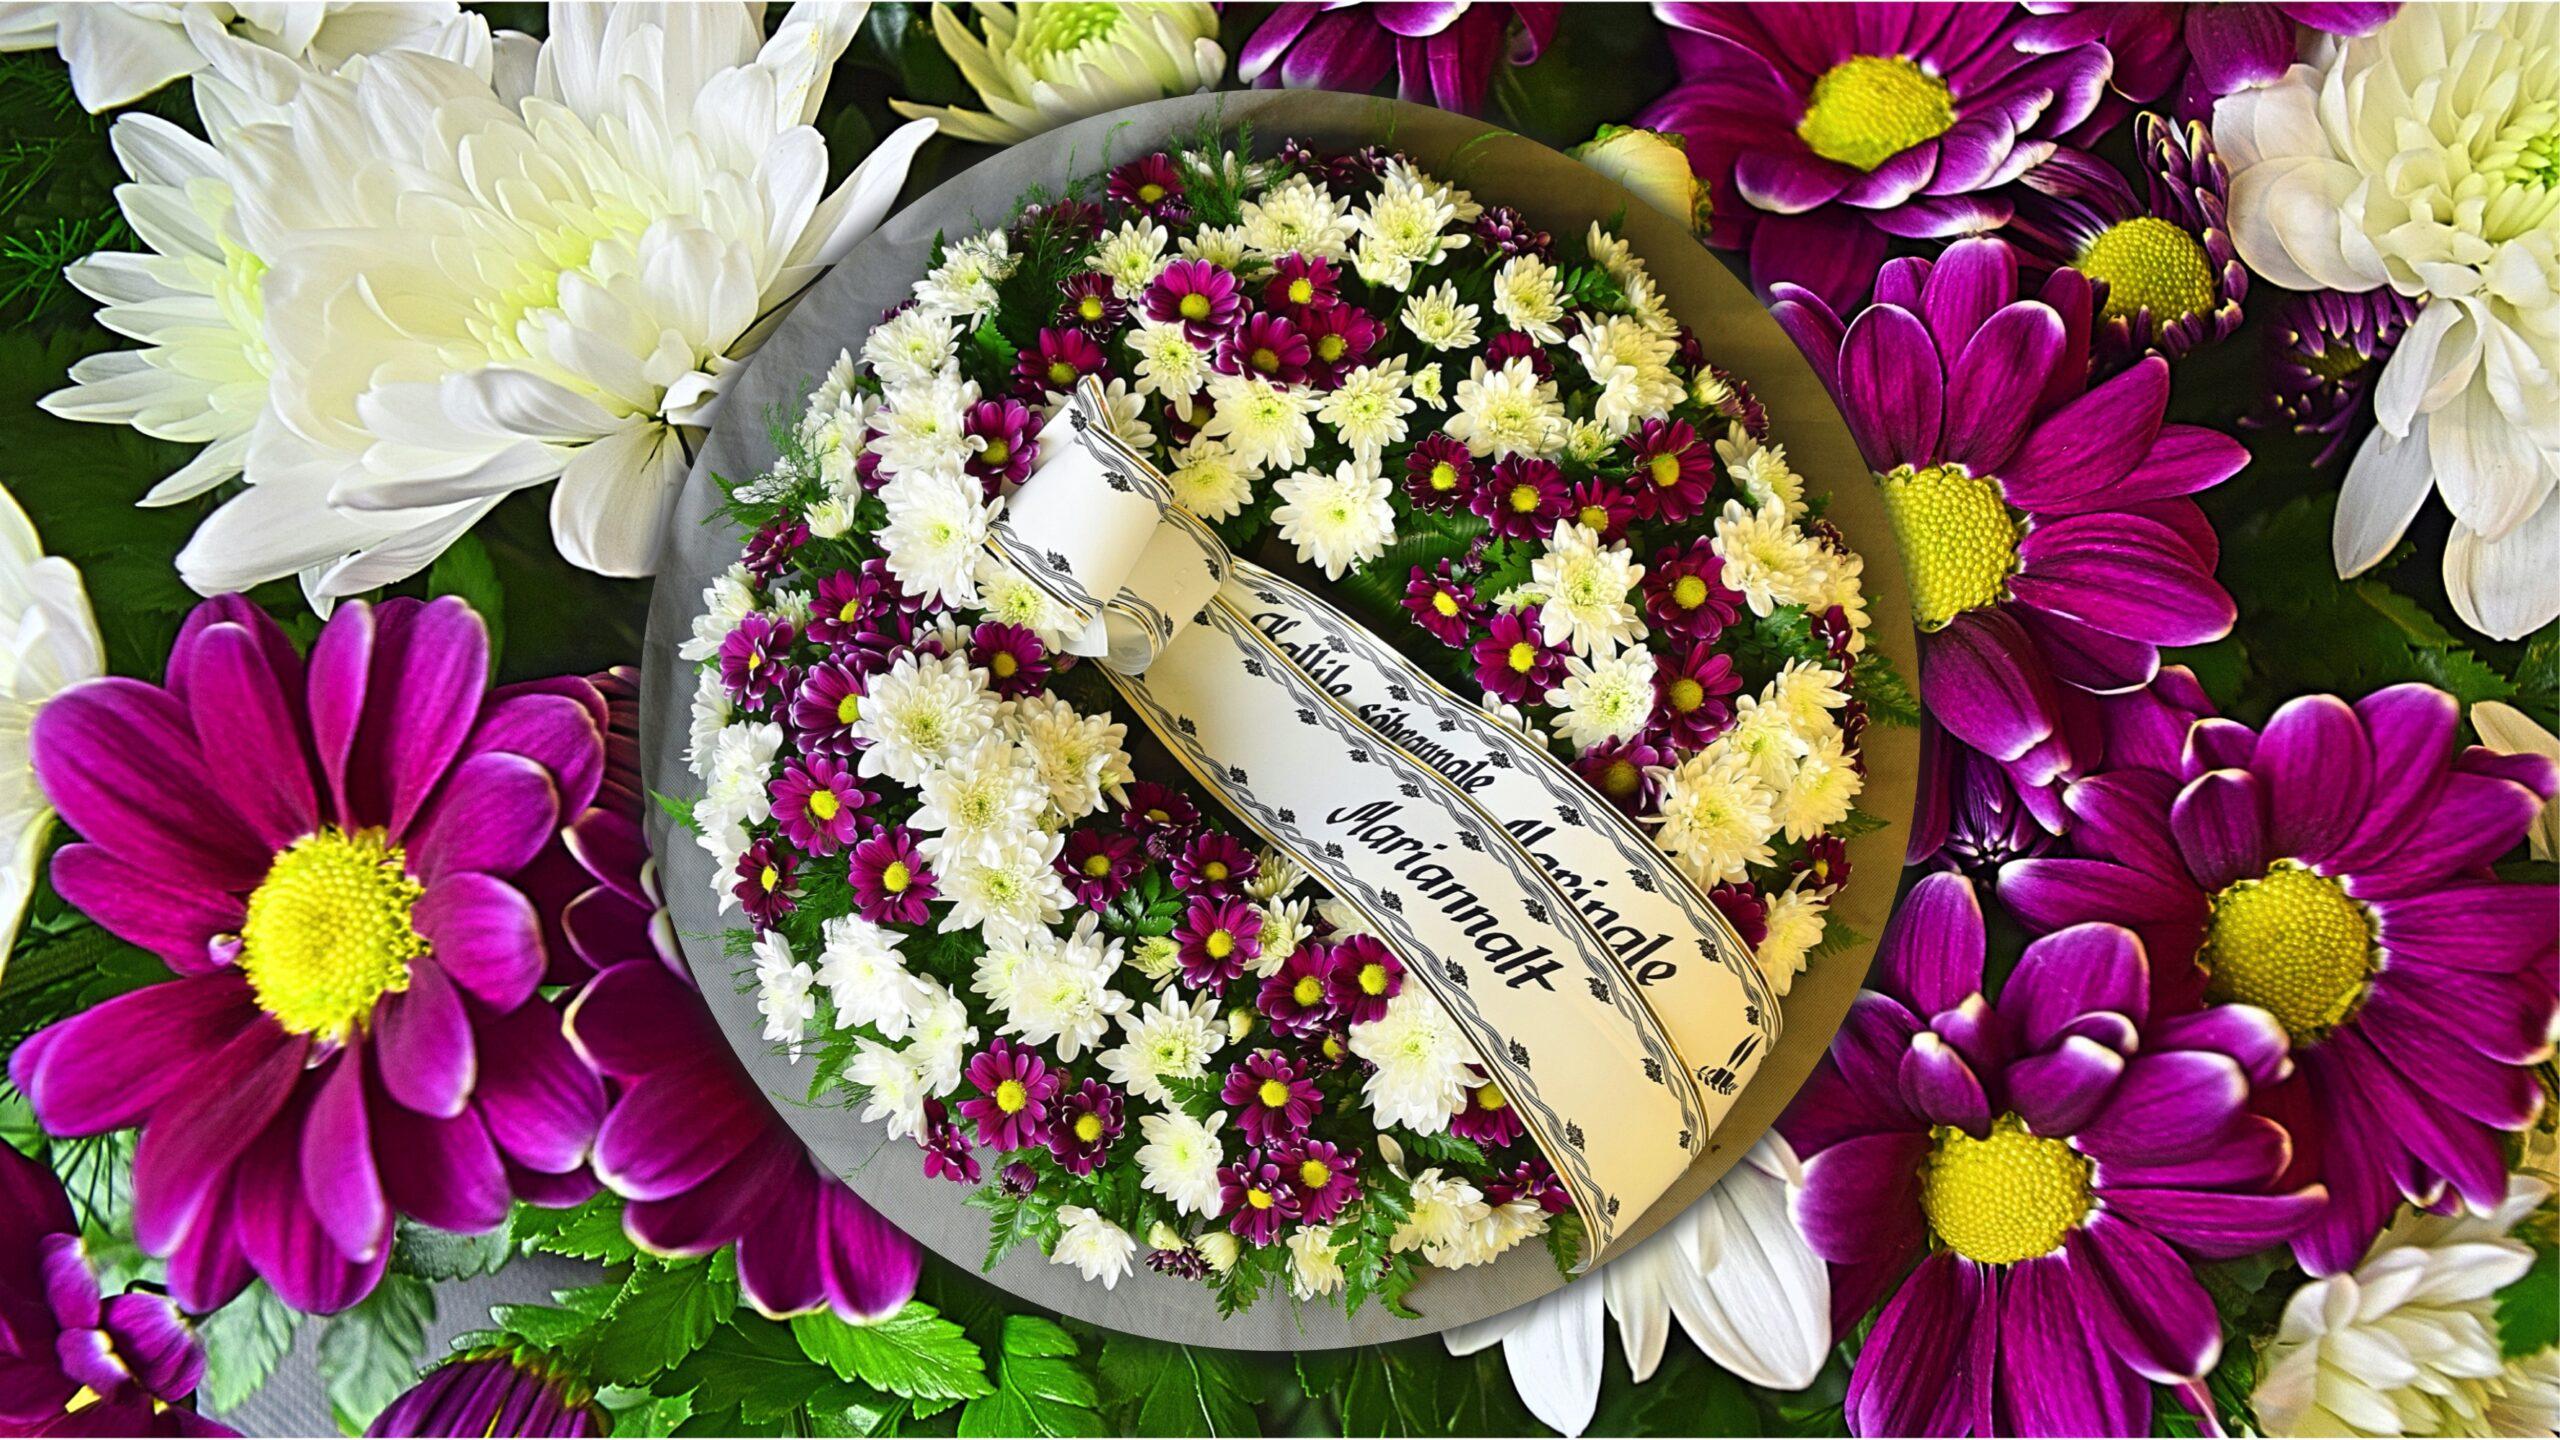 matusepärg scaled - Похоронные венки в Хаапсалу